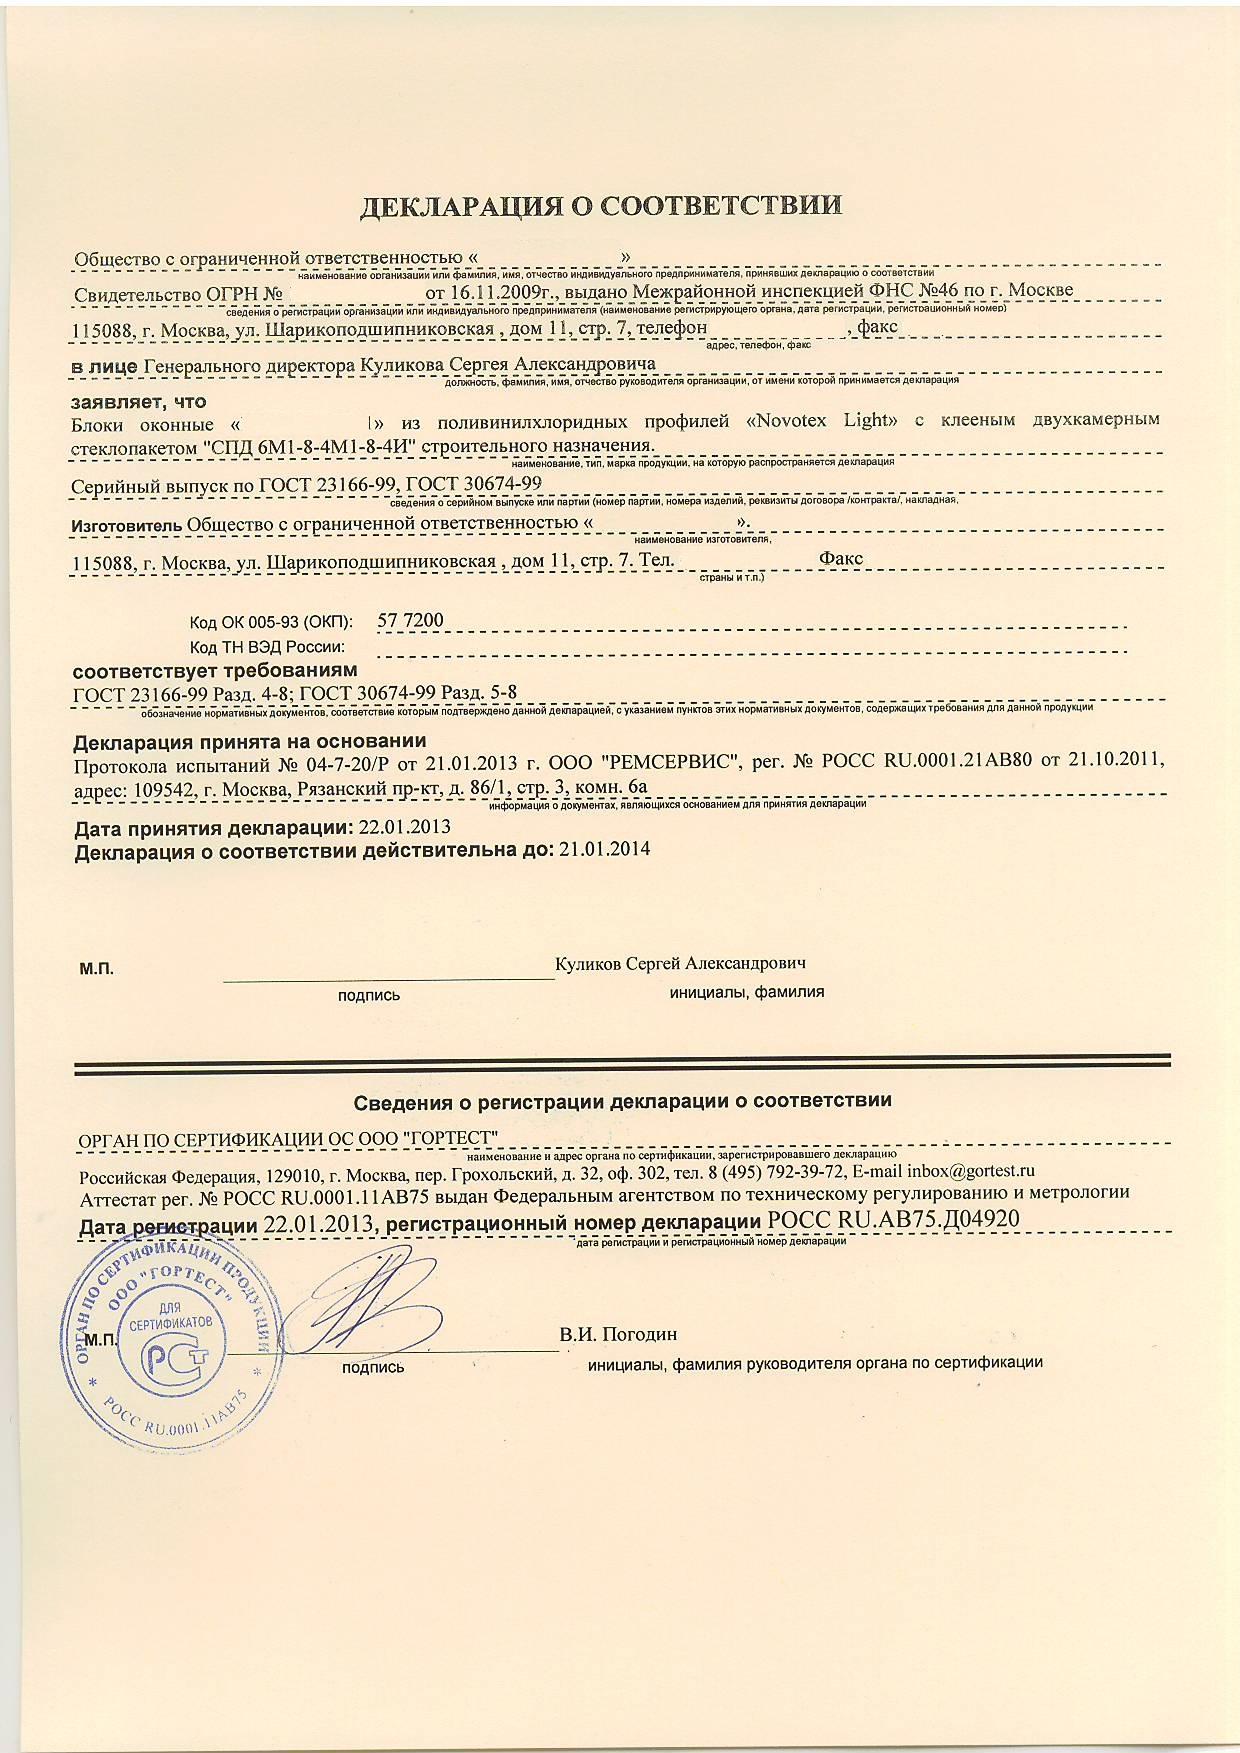 декларация-о-соответствии-ГОСТ-Р